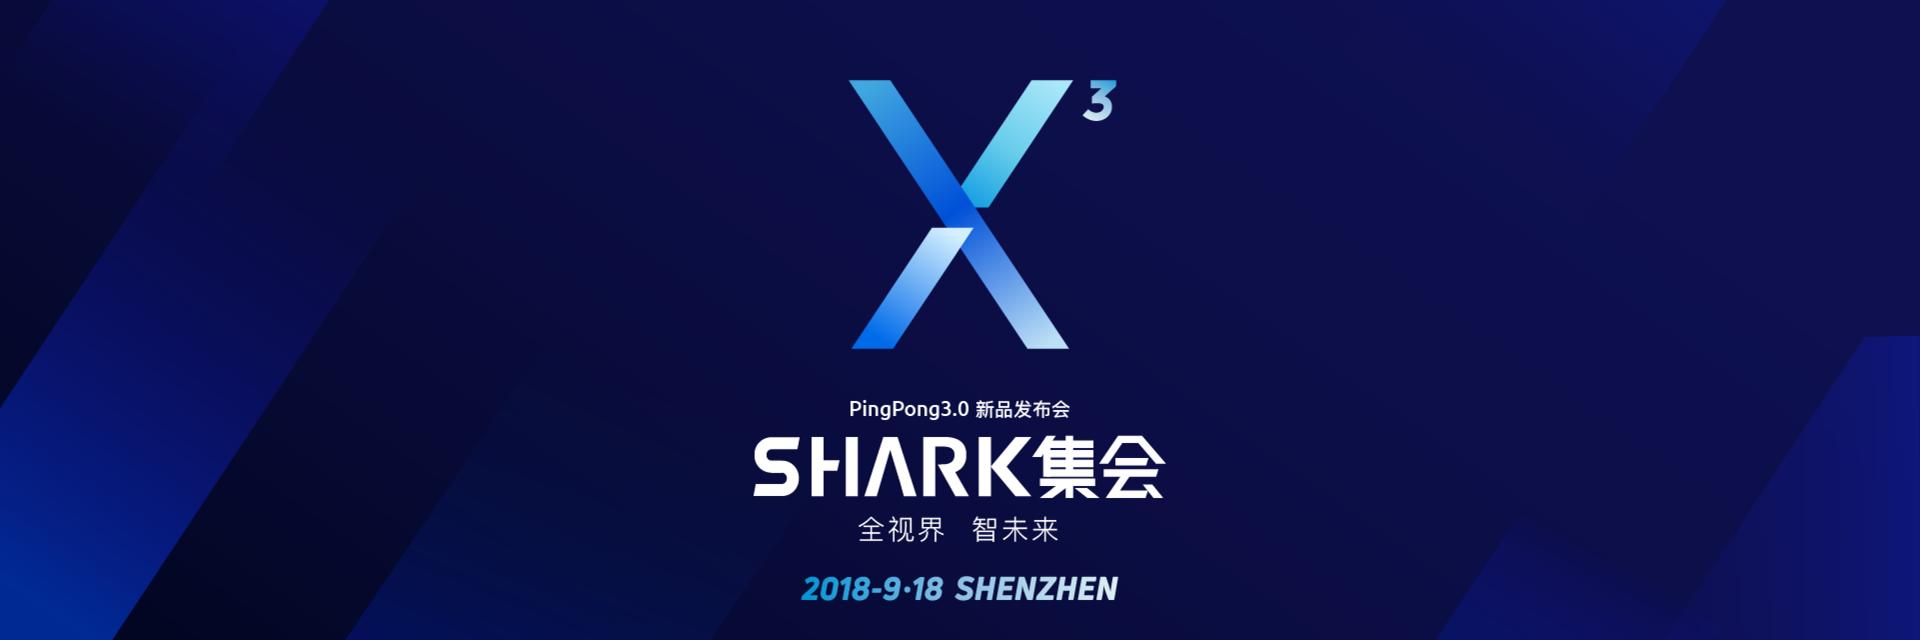 X³ SHARK集会—全视界 智未来   PingPong3.0发布会